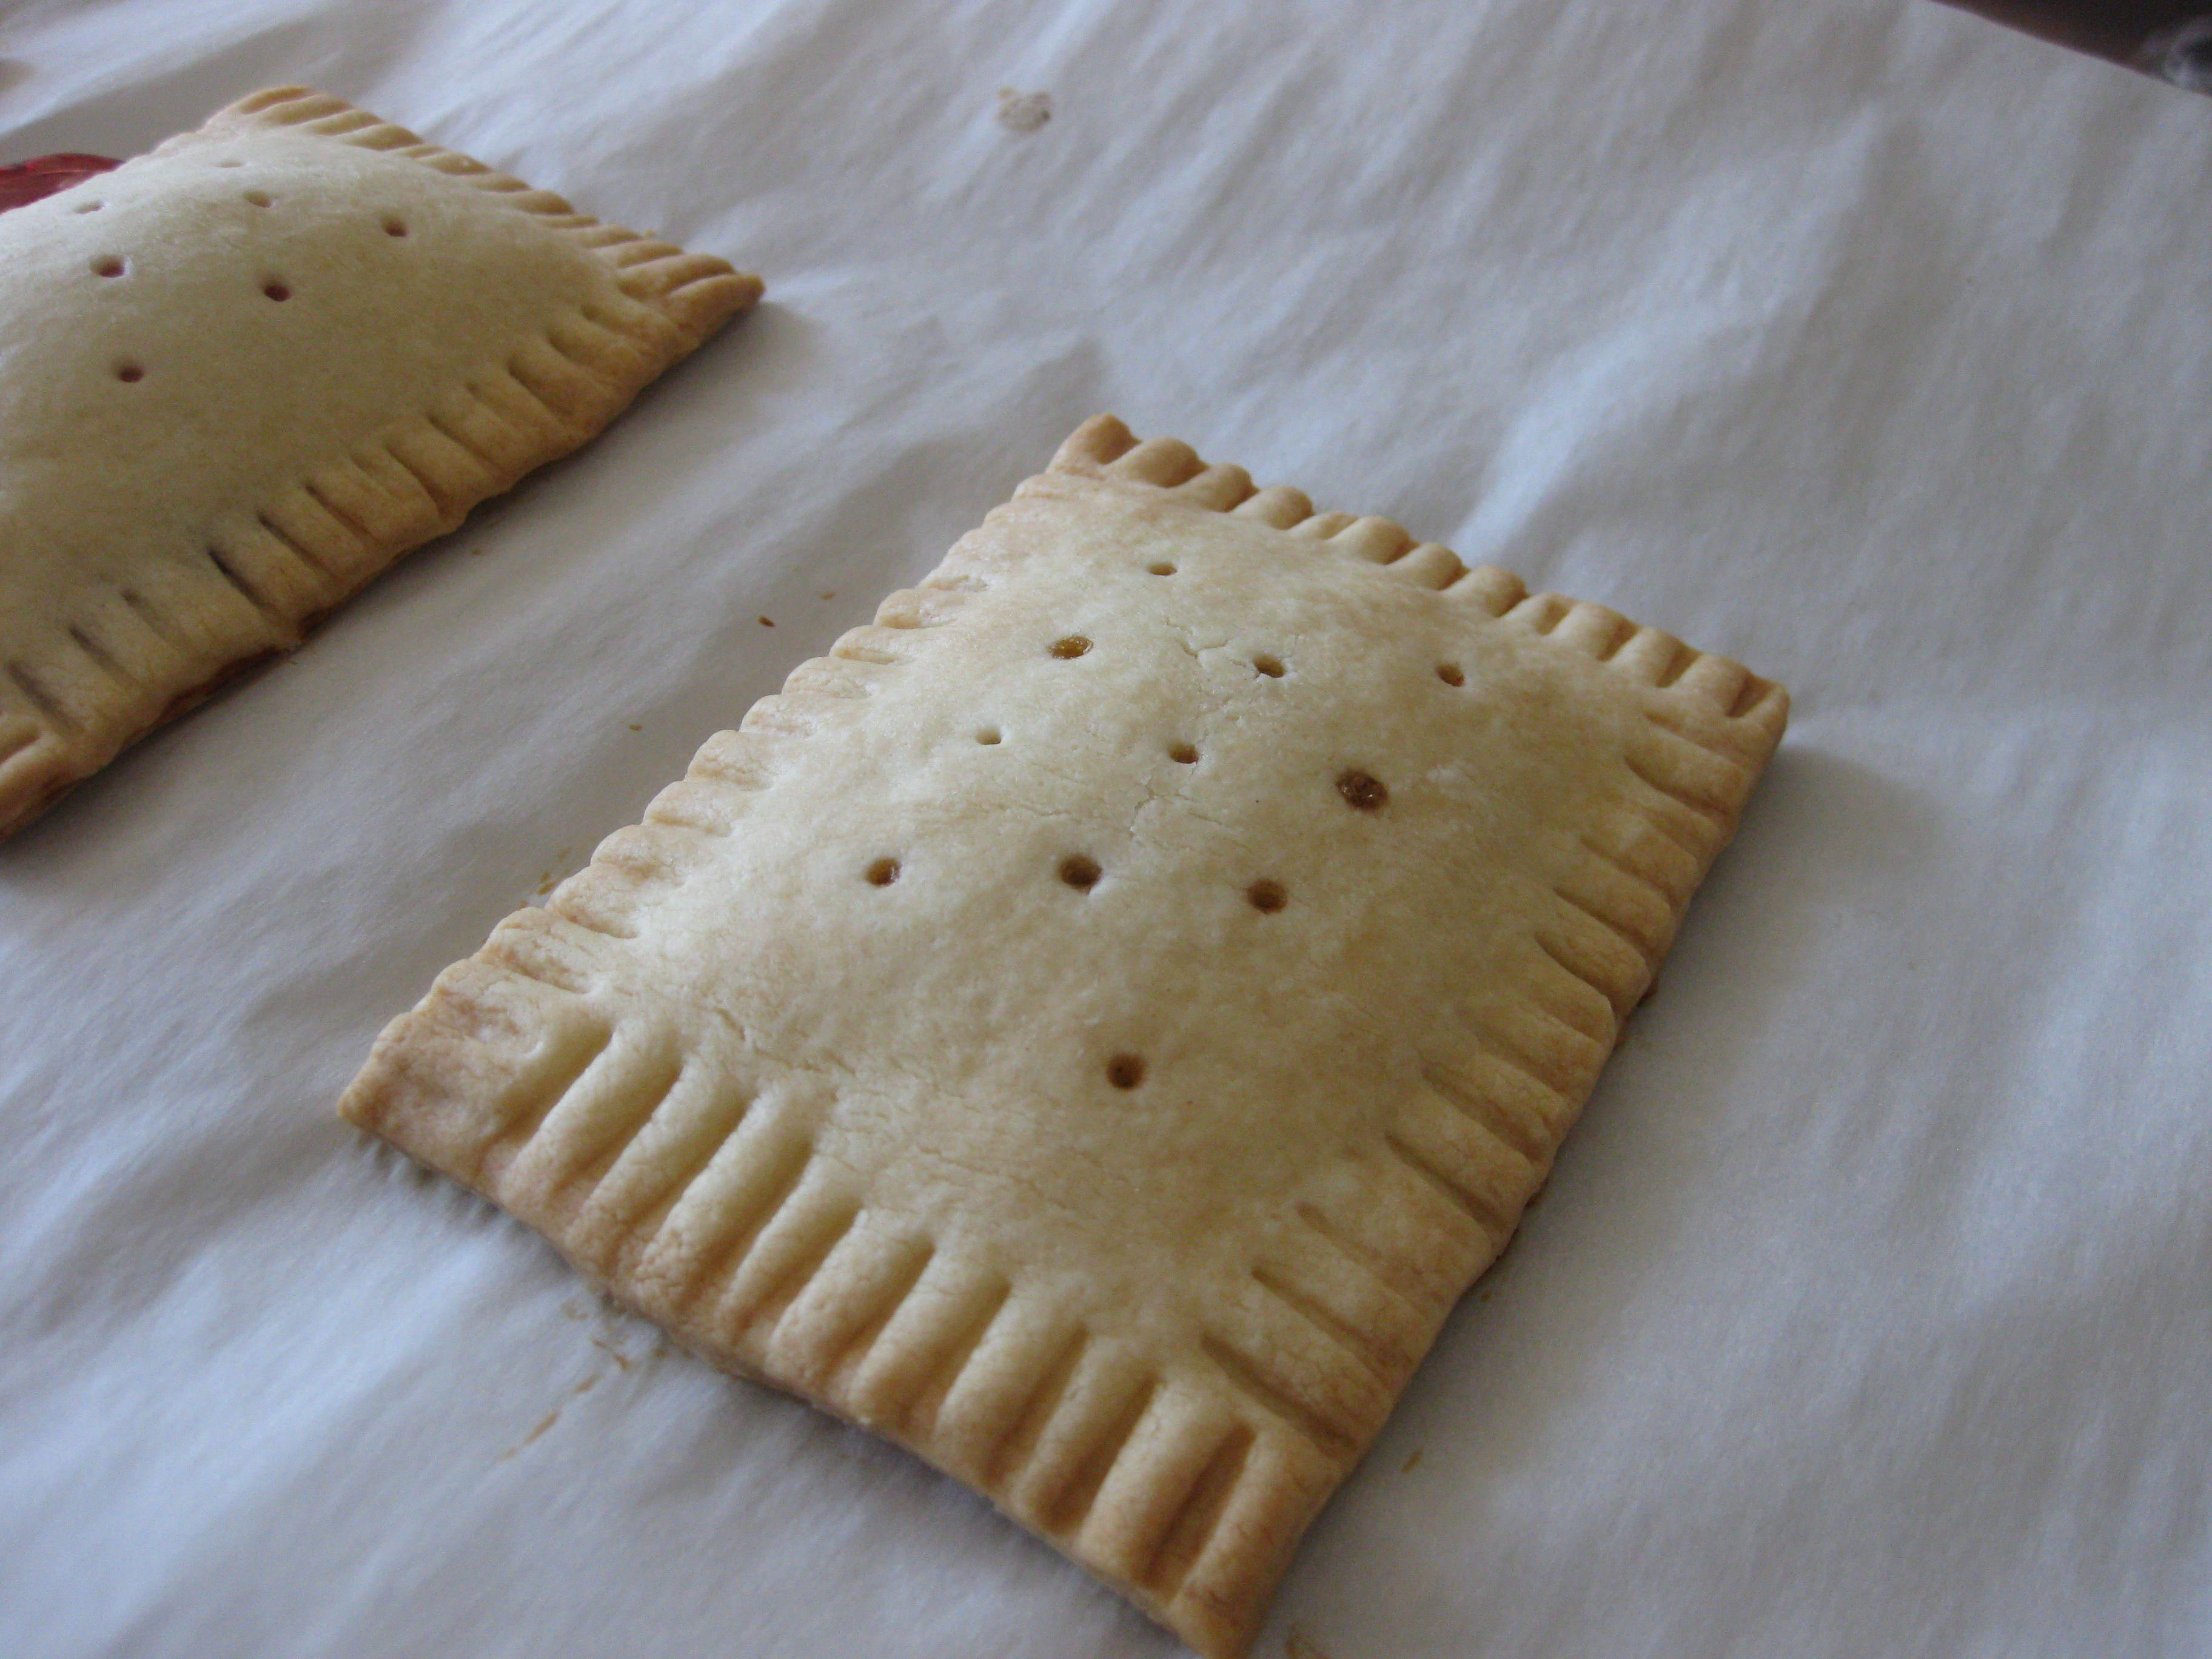 Homemade Pop Tarts Smitten Kitchen Red Velvet And Tarts - Smitten kitchen pop tarts